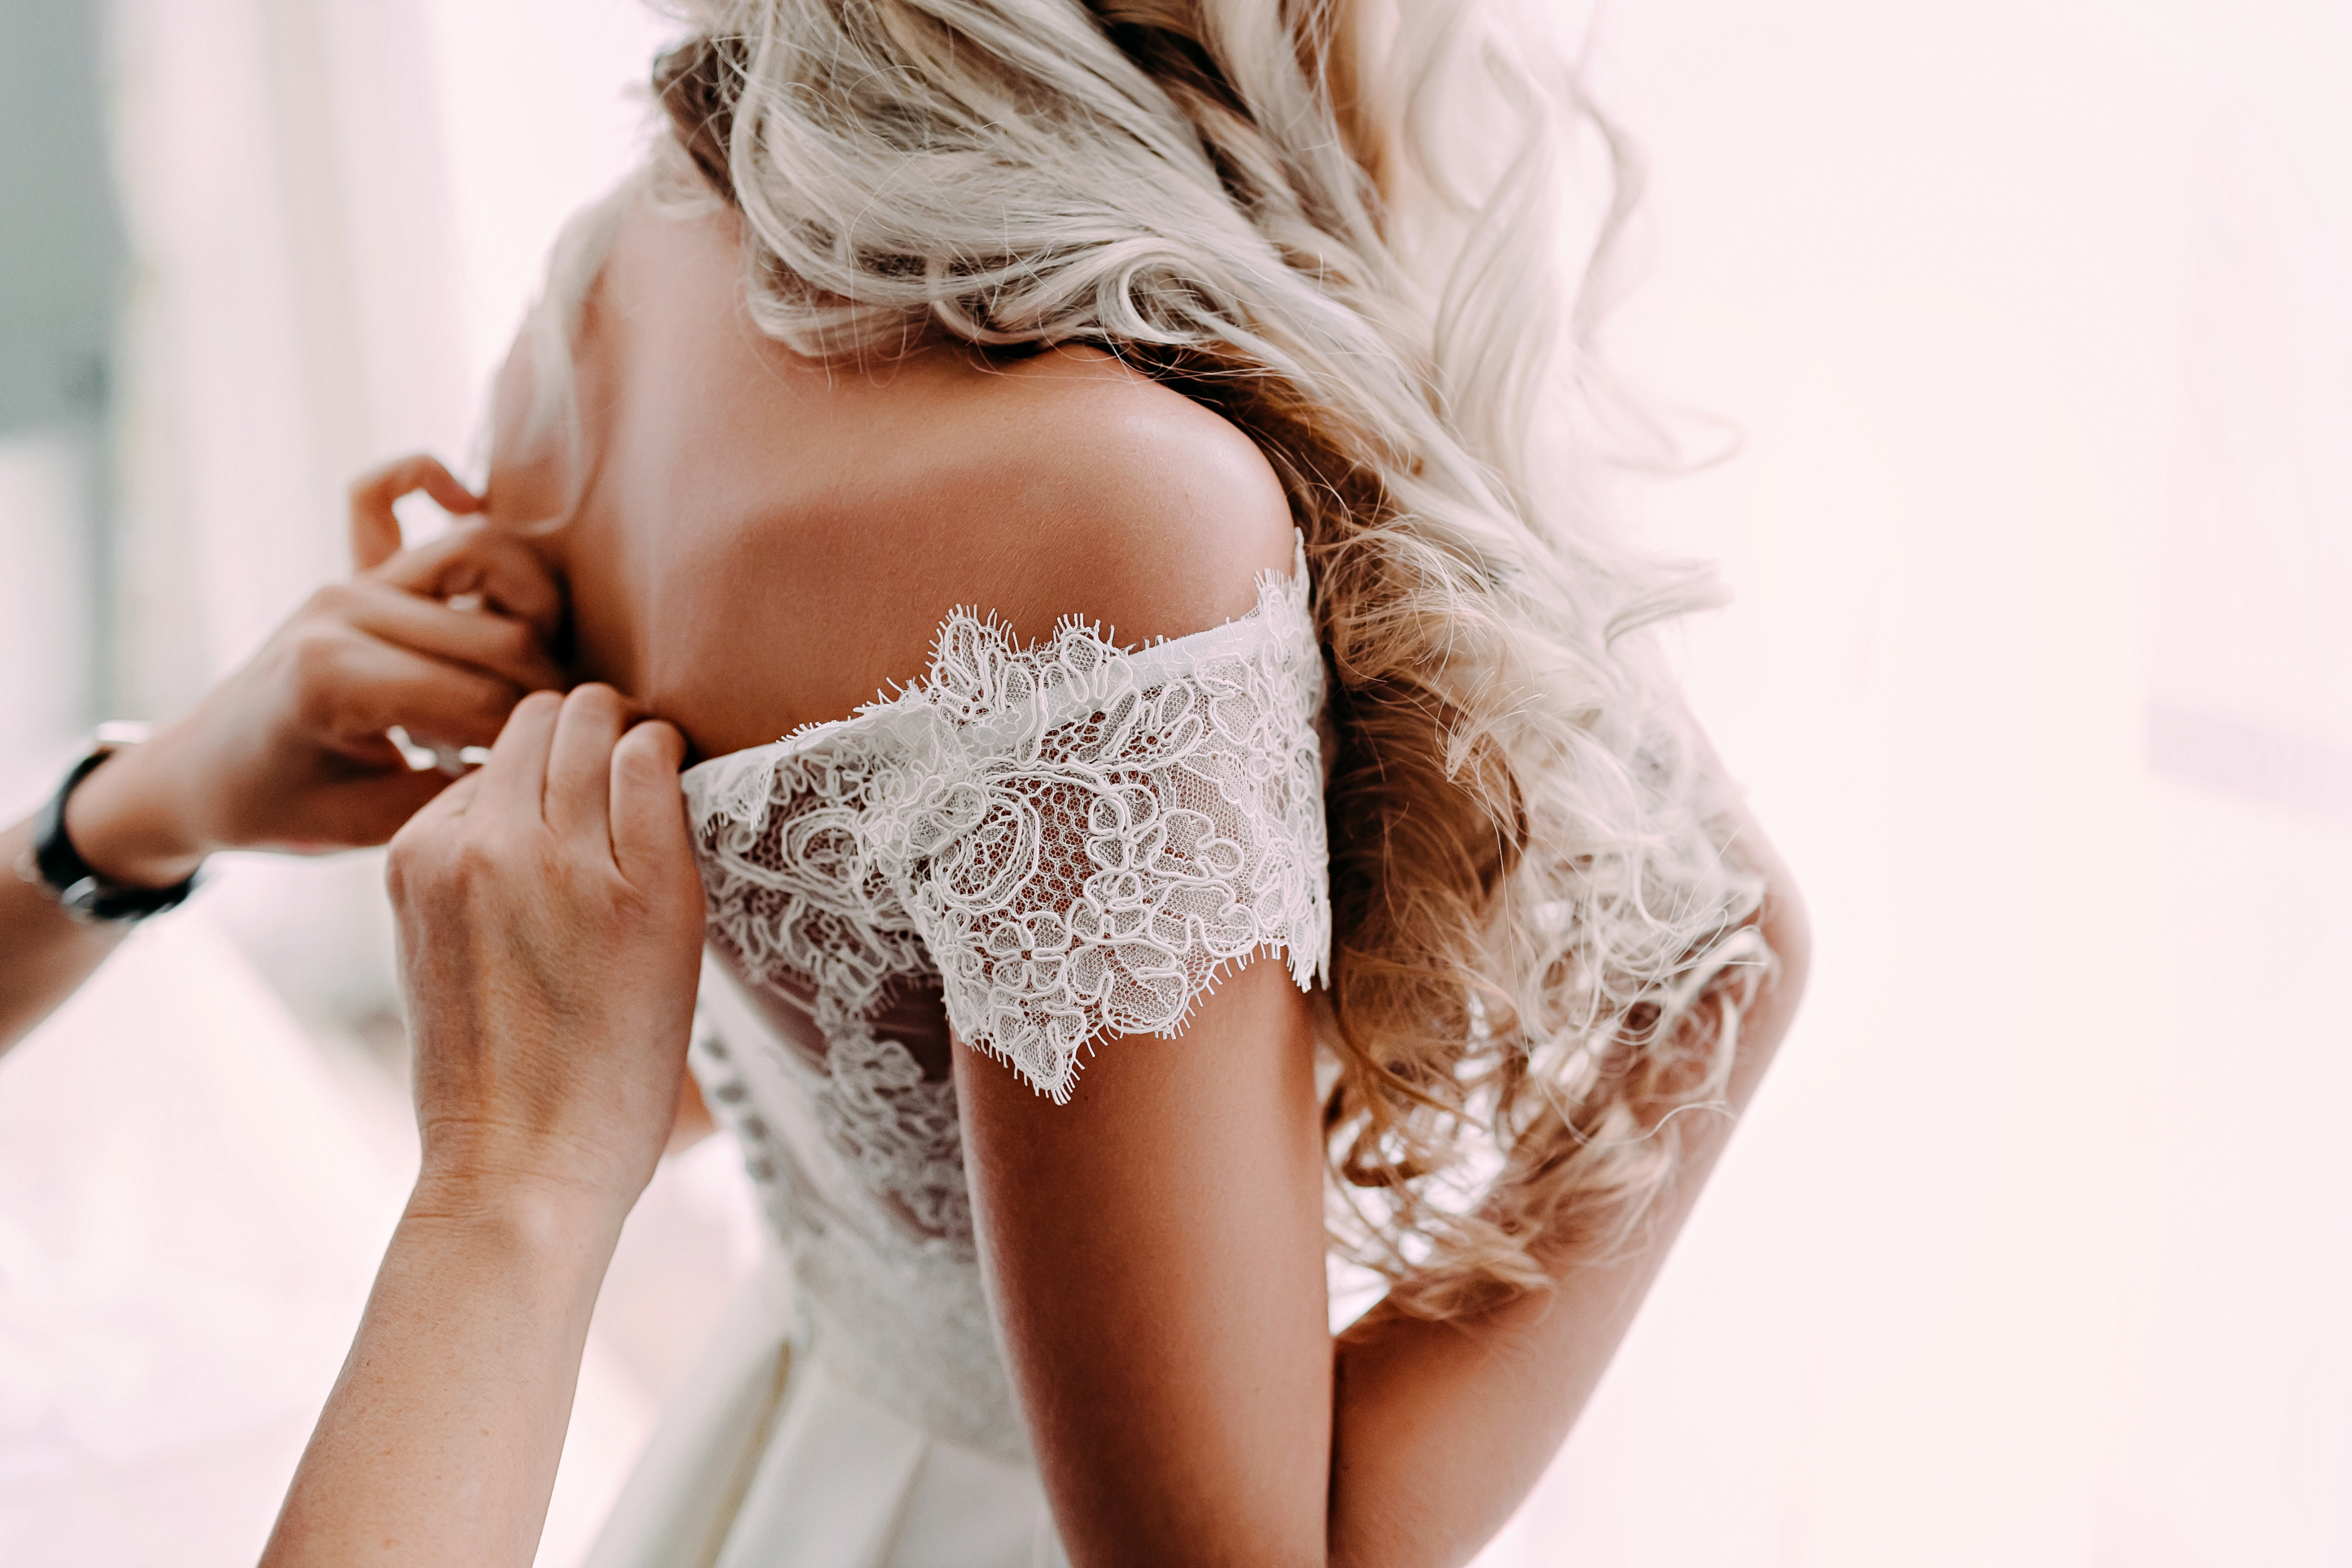 Bronzeamento artificial para noivas: Cuidados essenciais